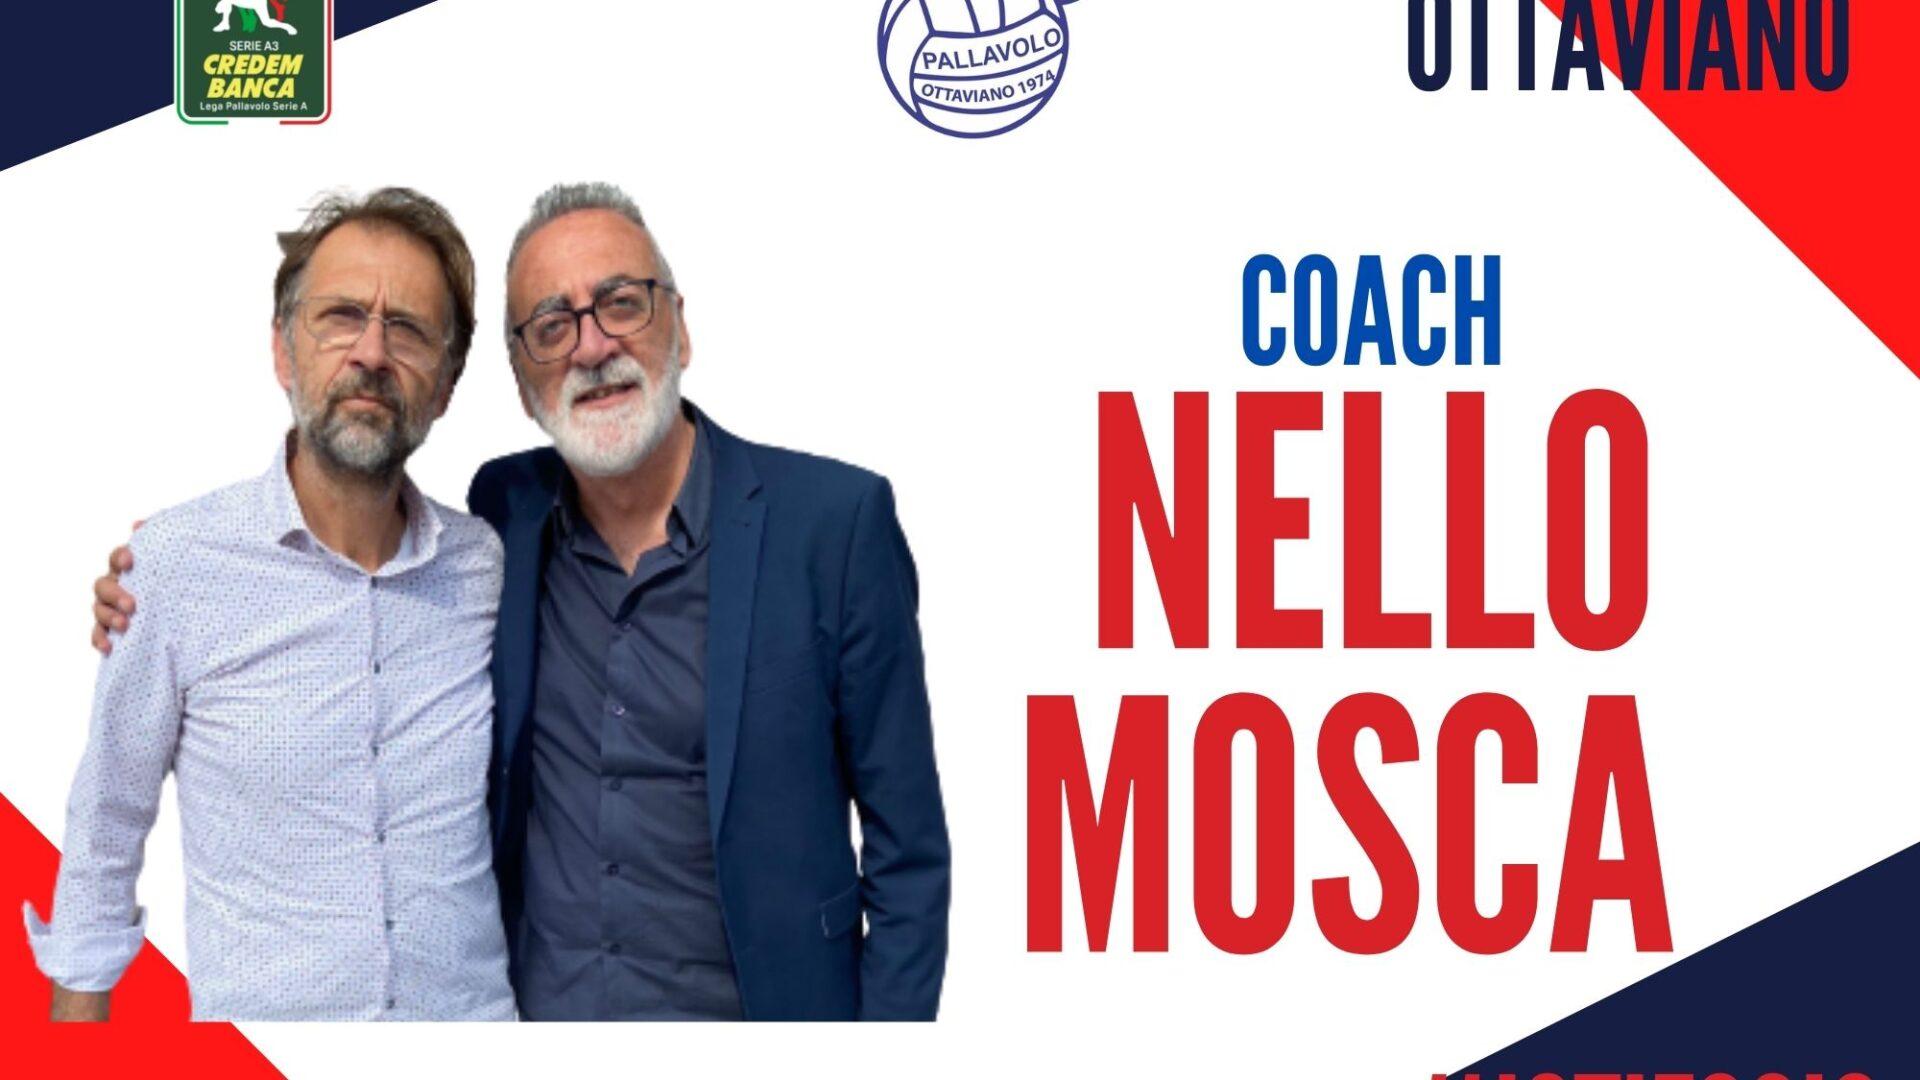 """Nello Mosca confermato allenatore della Gis Ottaviano! """"Ottaviano è la città del mio cuore, saremo ambiziosi"""""""